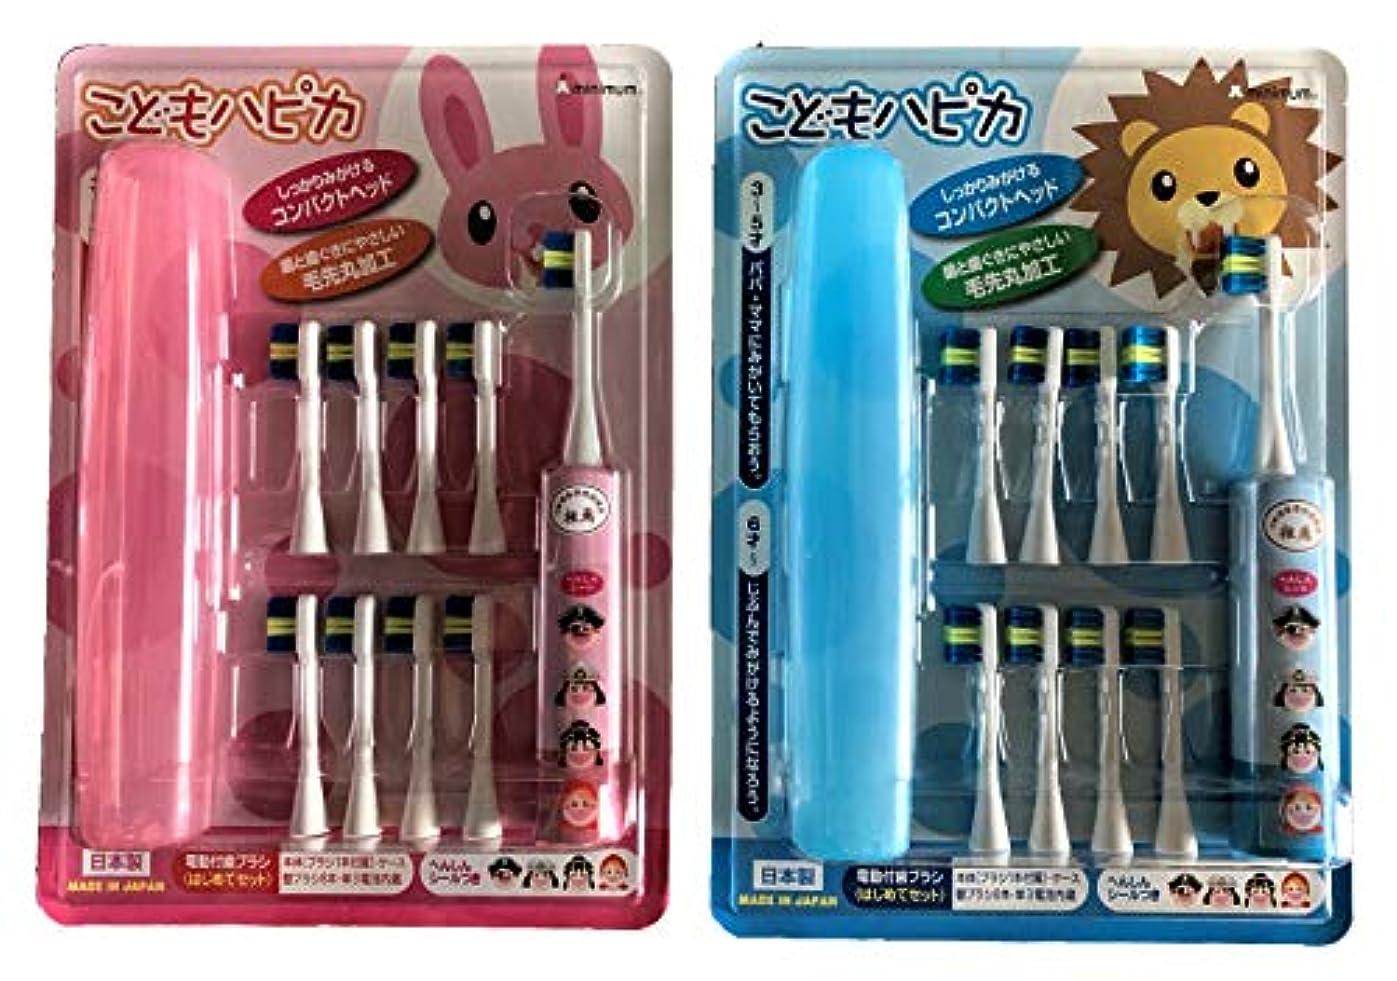 数立証する砂利【2個セット】ミニマム こどもハピカセット ブルー&ピンク 子供用電動歯ブラシ